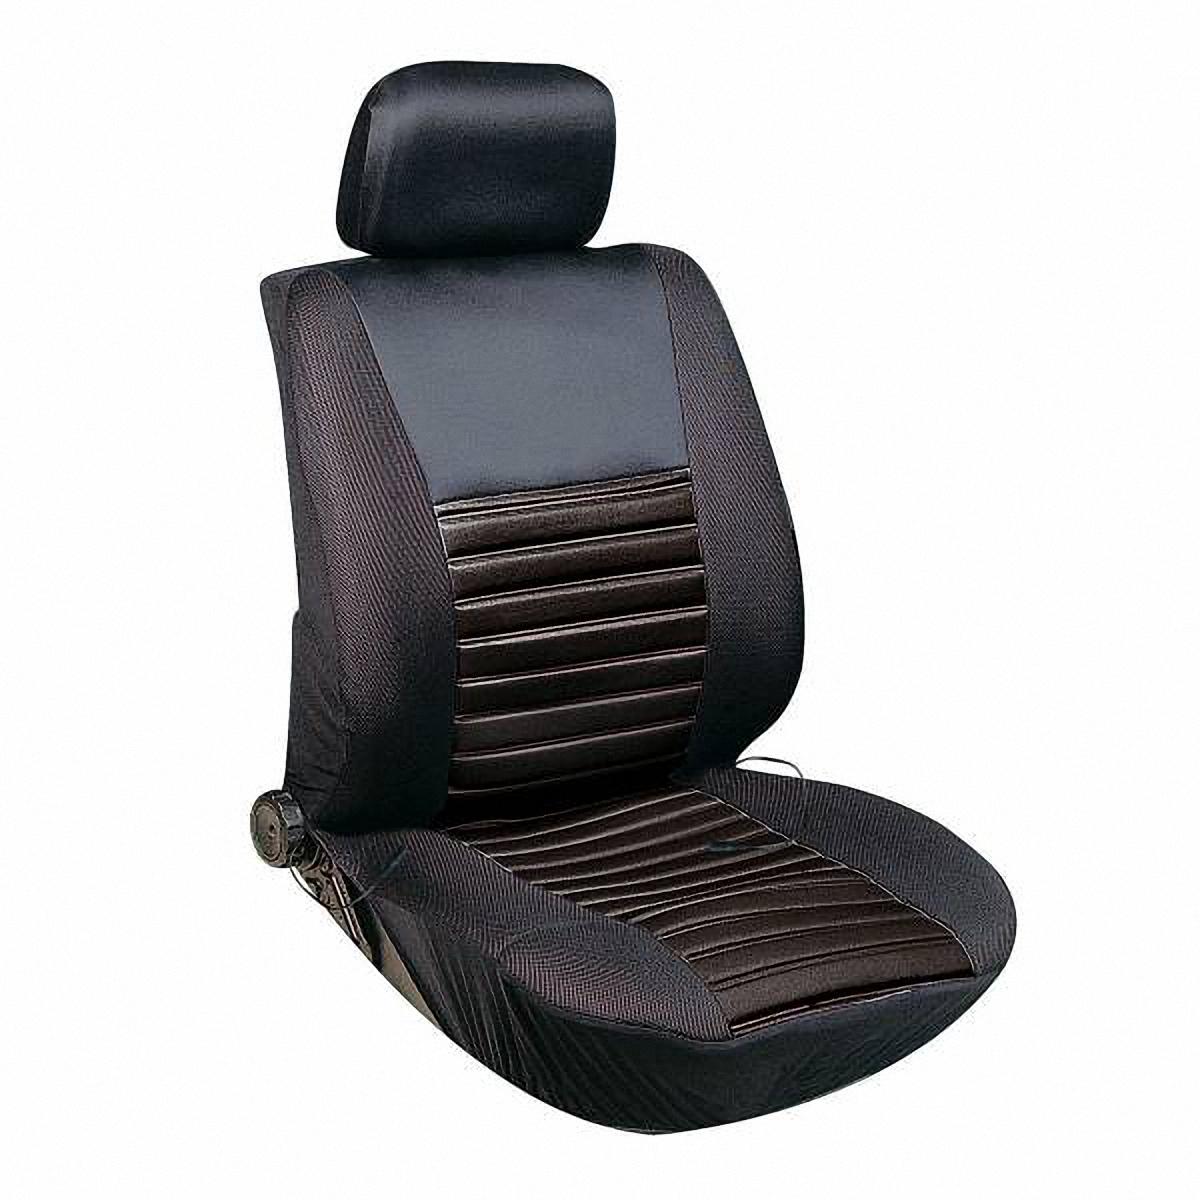 Чехол автомобильный Skyway, с подогревом, 116 х 56 смS02202001Чехол на сиденье Skyway, изготовленный из велюра, предназначен для обогрева водителя или пассажира в автомобиле. Особенности:Универсальный размер.Снижает усталость при управлении автомобилем.Обеспечивает комфортное вождение в холодное время года. Простая и быстрая установка.Умеренный и интенсивный режим нагрева.Терморегулятор для изменения интенсивности нагрева.Защита крепления шнура питания к подогреву.Питание от гнезда прикуривателя 12В.Размер: 116 х 56 см.